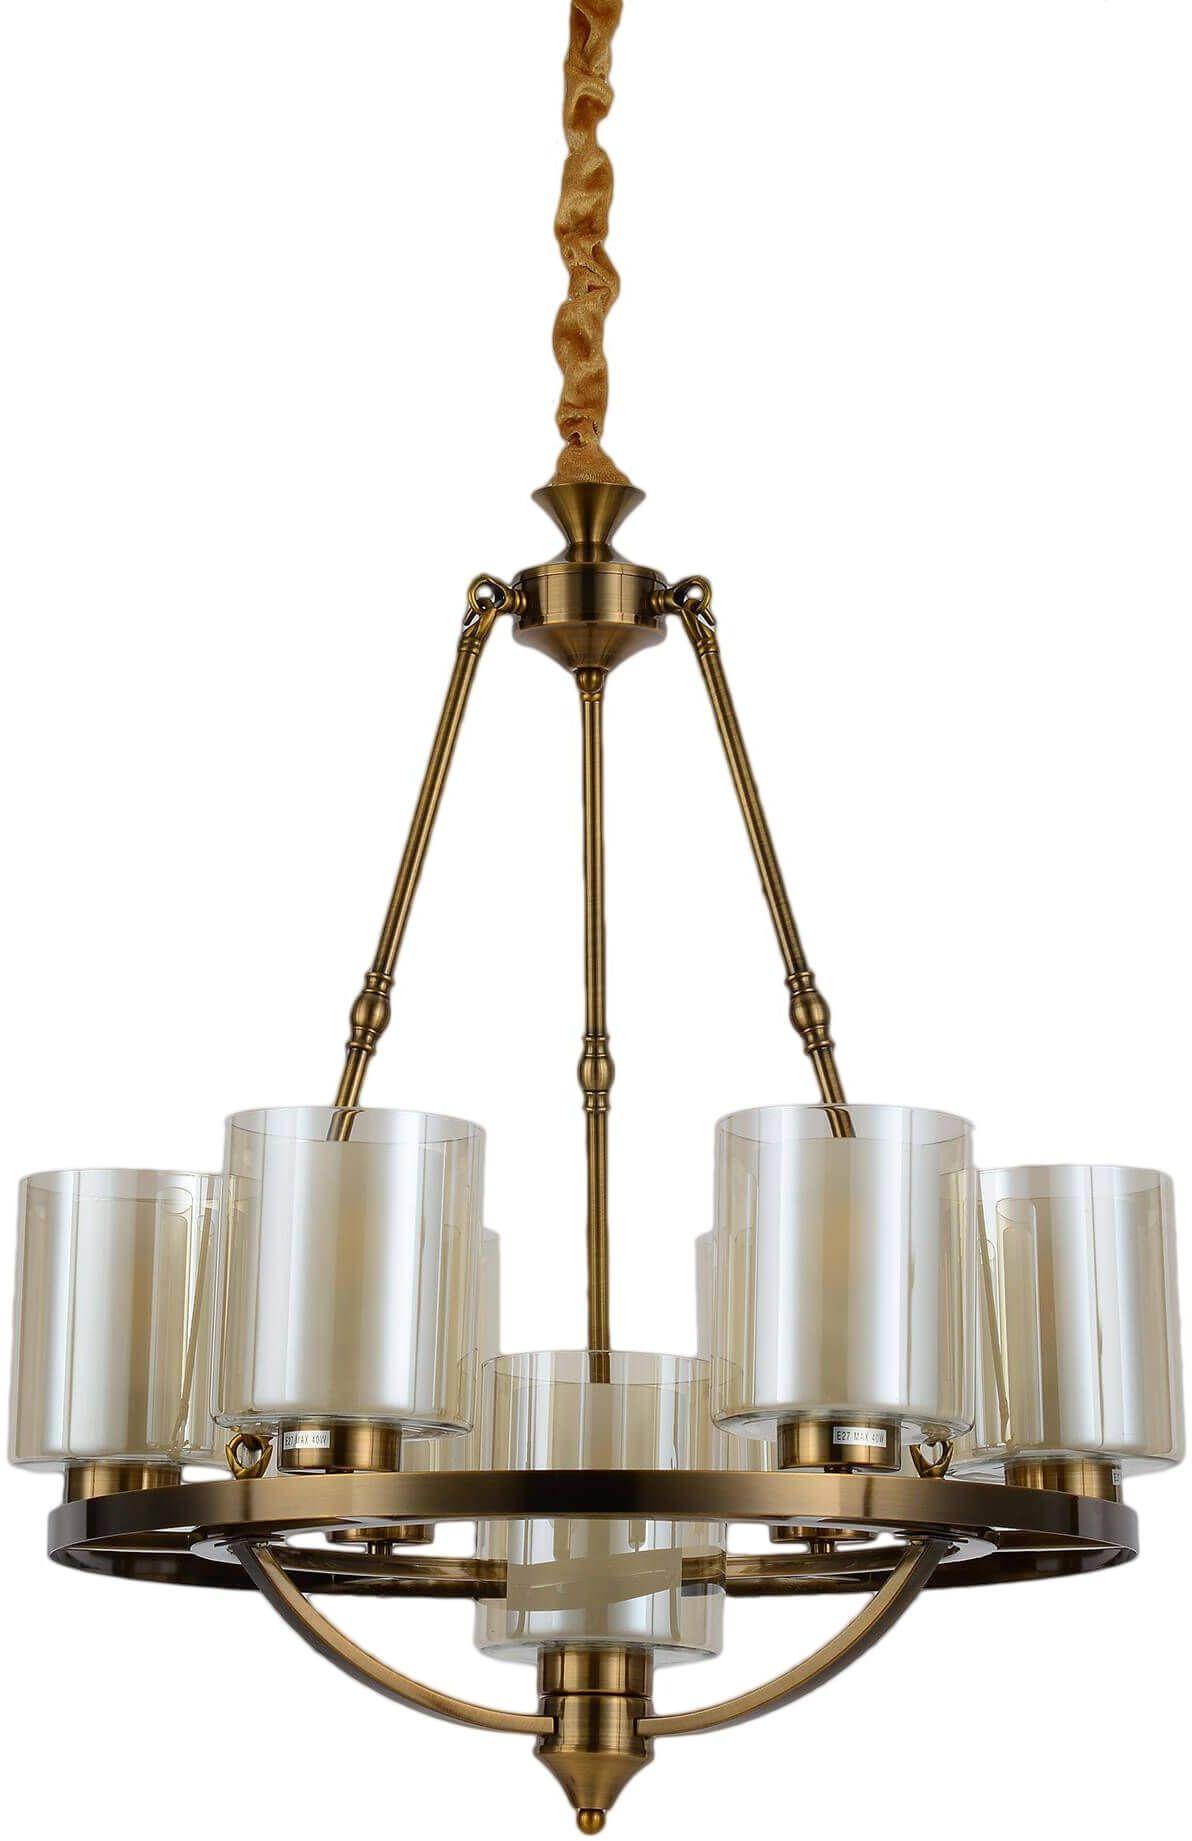 LAMPA WISZĄCA LOFT MOSIĘŻNA SANTINI W7 LUMINA DECO - zyskaj 5% RABATU z kodem DAMI5!